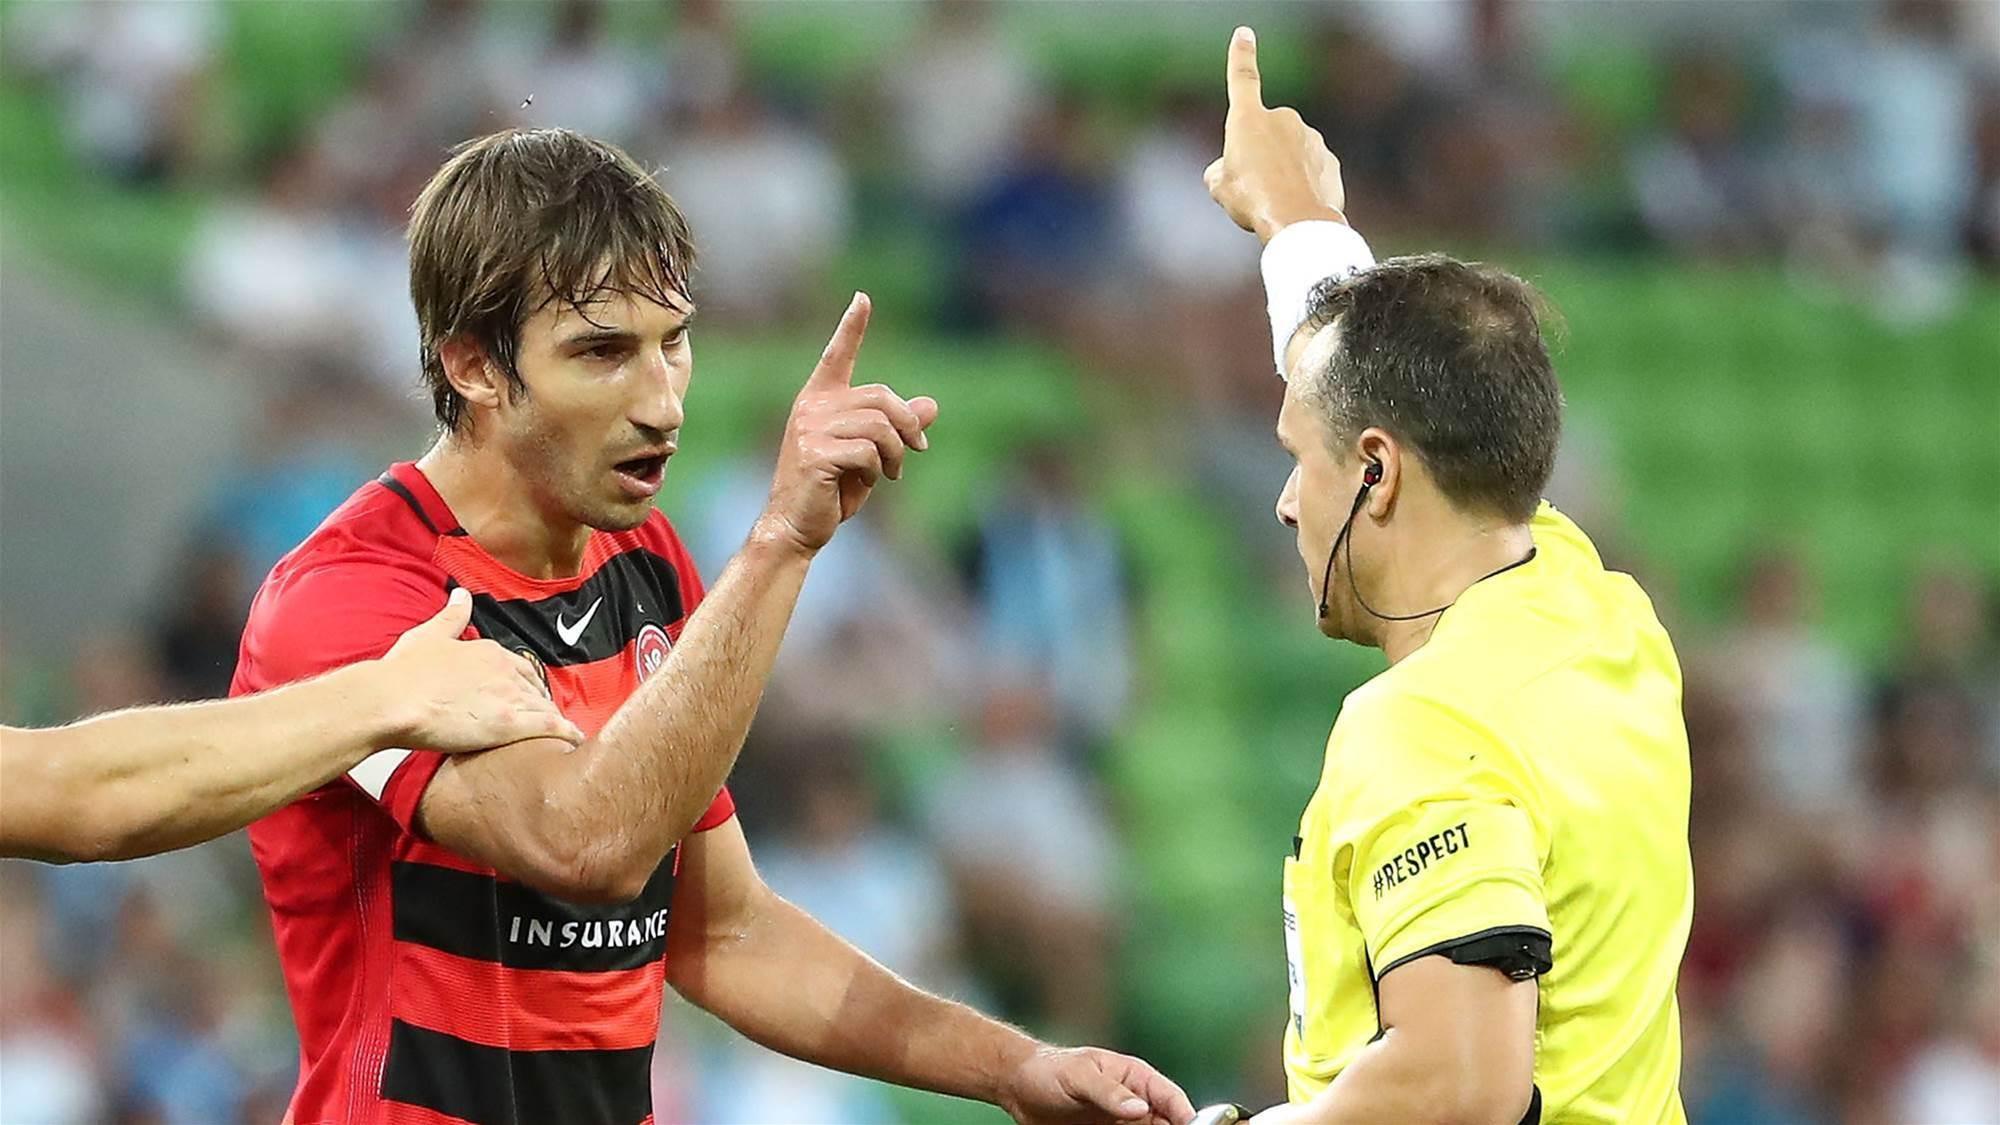 Borda faces three-game ban